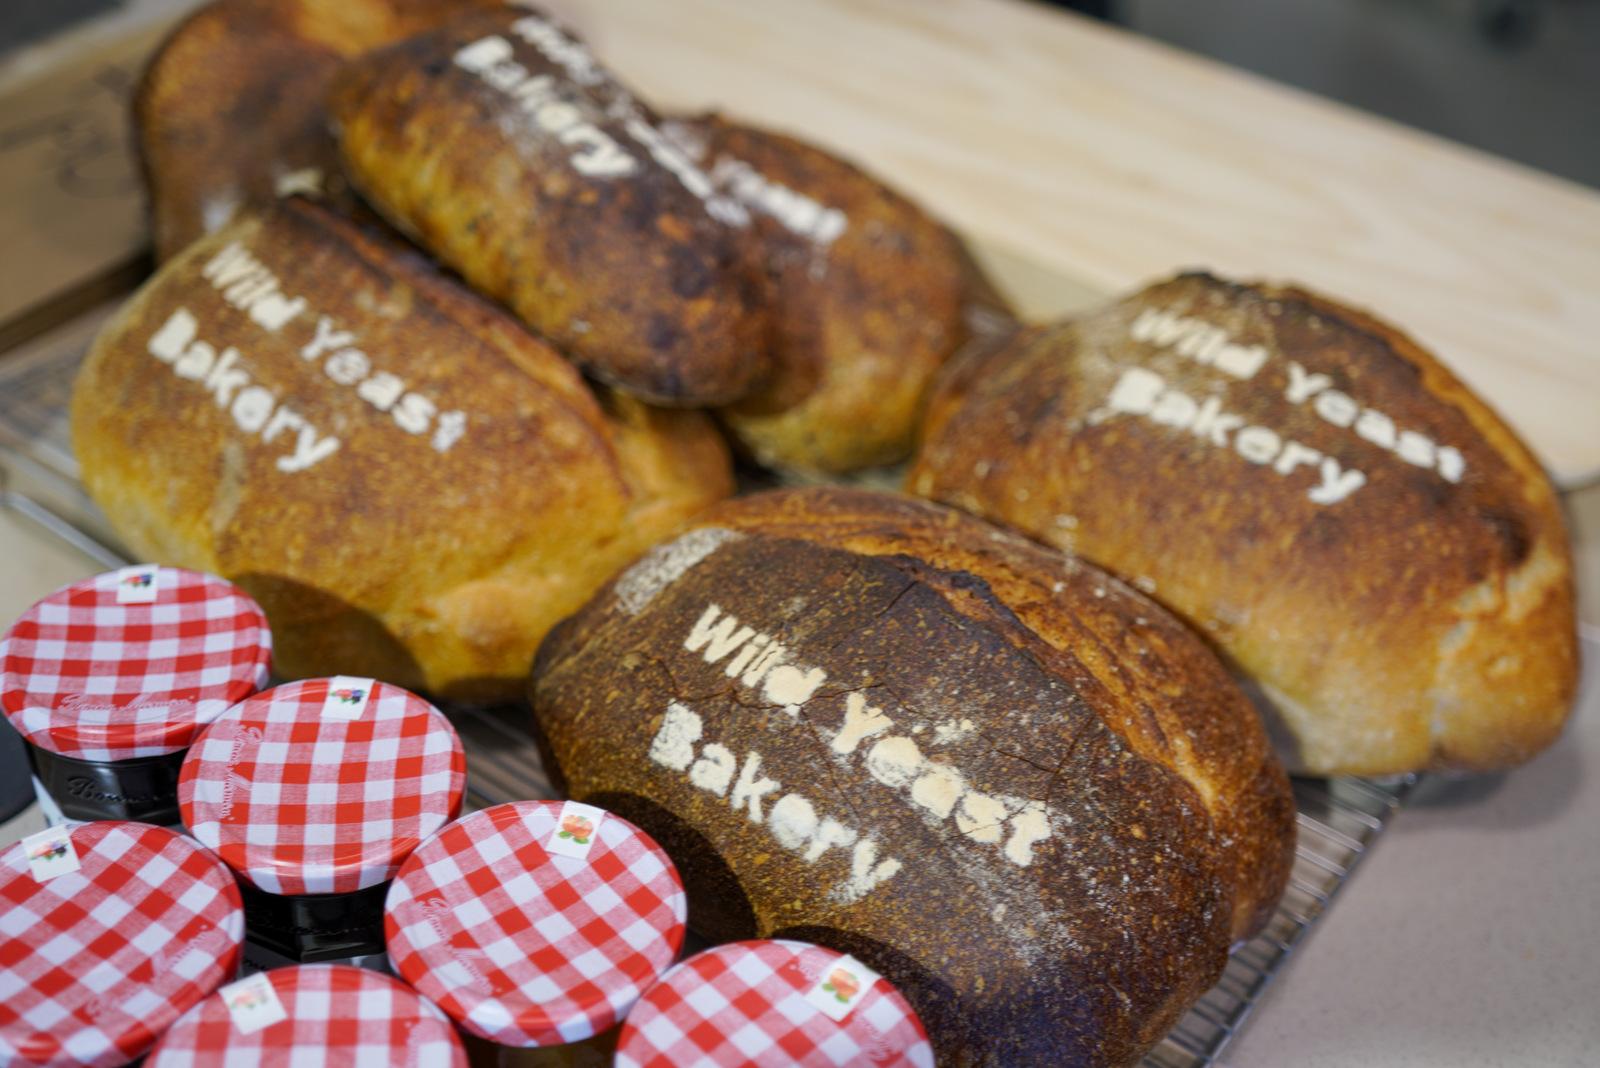 wild yeast bakery cafe, damansara jaya